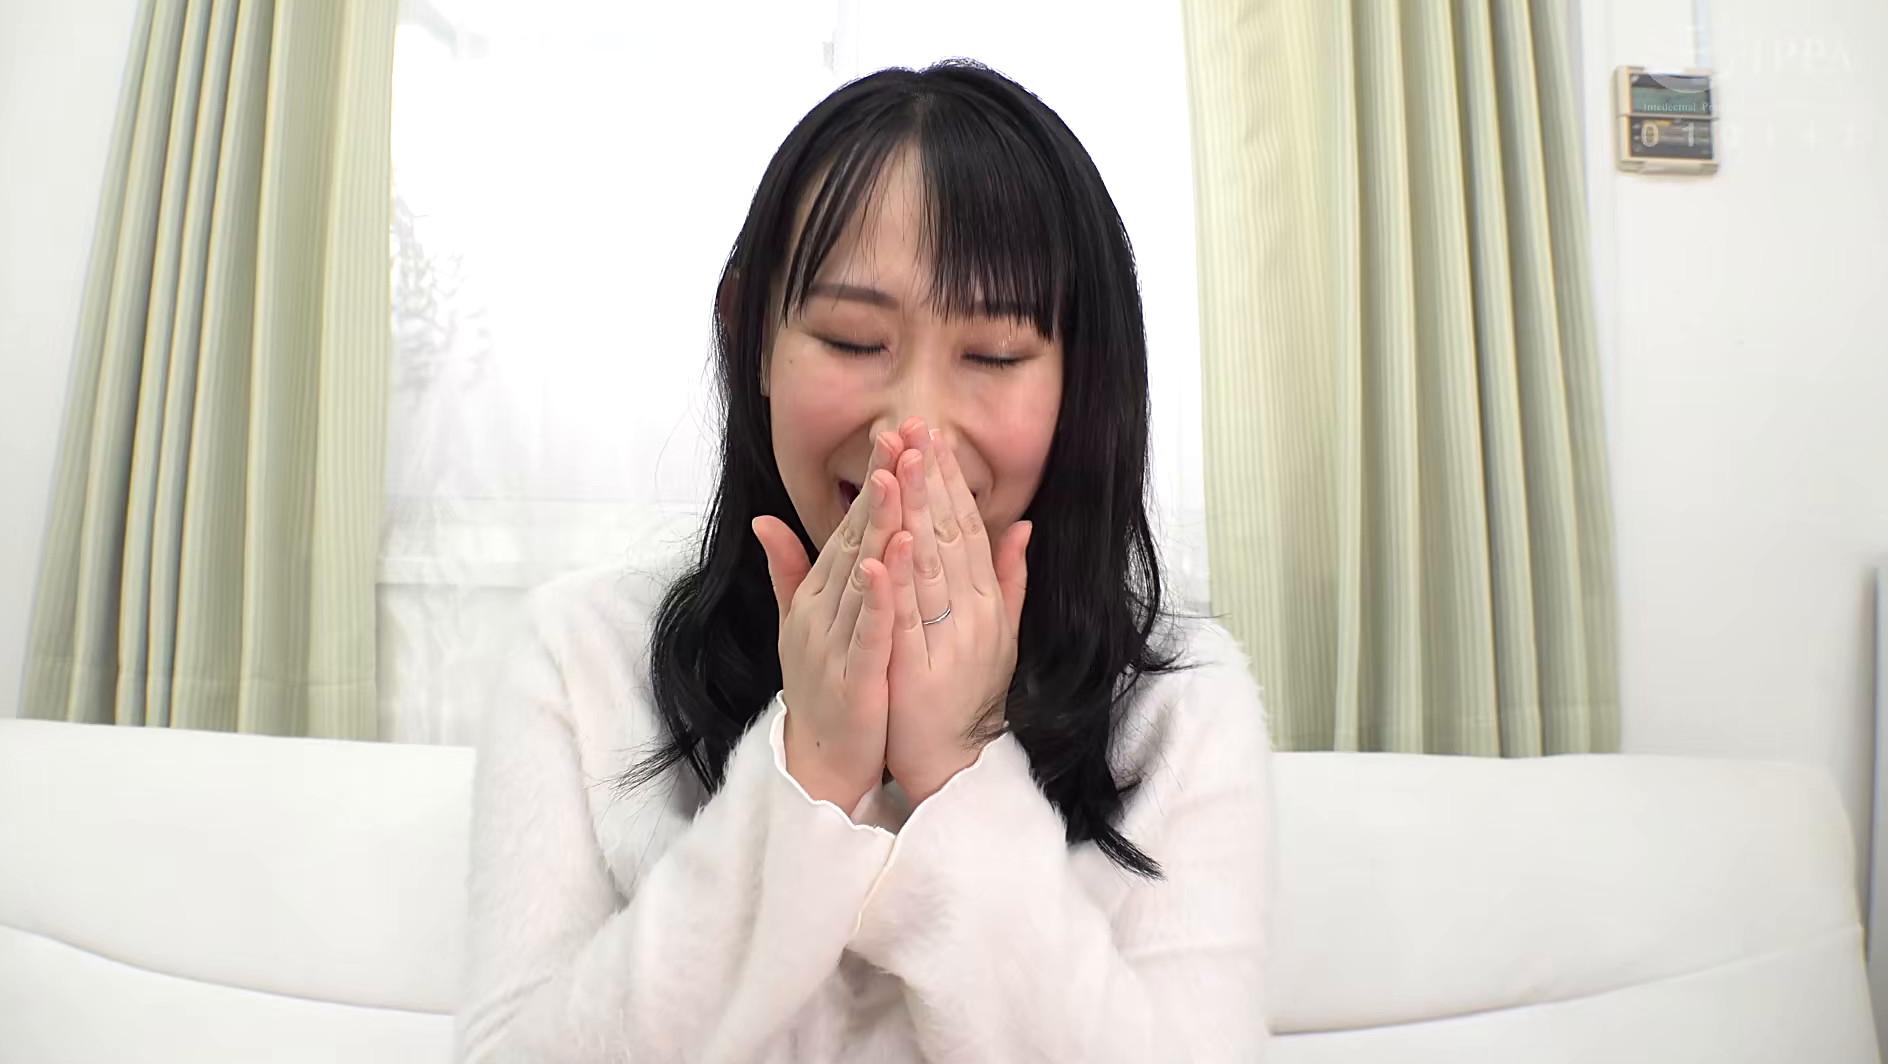 人妻なのにオスのチ〇ポと交尾のない毎日で獣なみに発情中です。 田中美矢 画像2